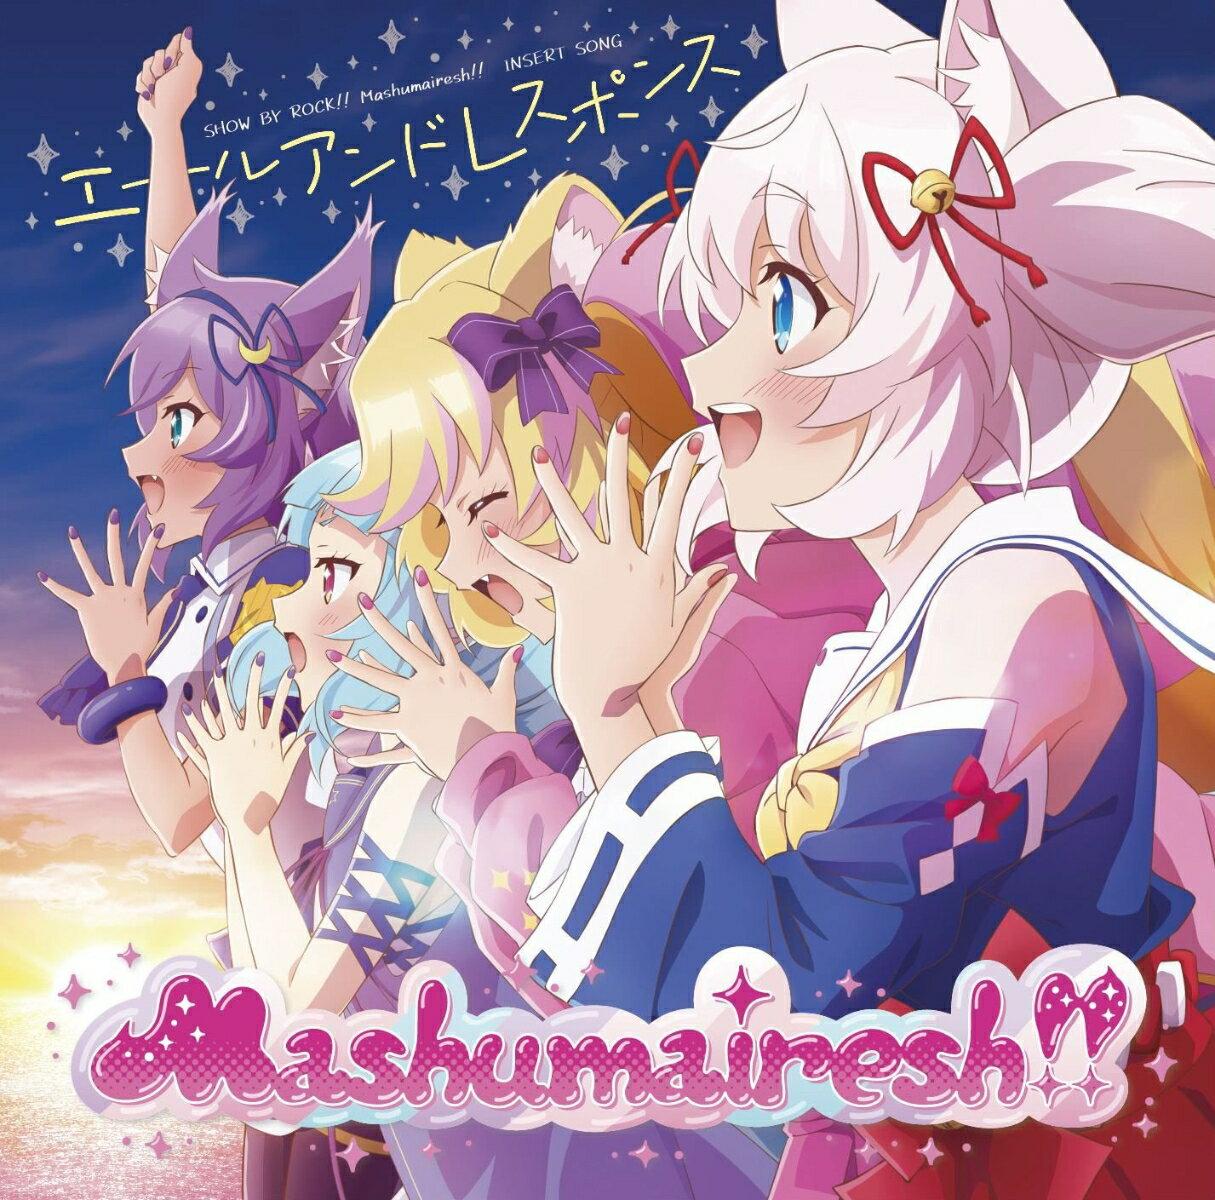 TVアニメ「SHOW BY ROCK!!ましゅまいれっしゅ!!」Mashumairesh!!挿入歌「エールアンドレスポンス」画像